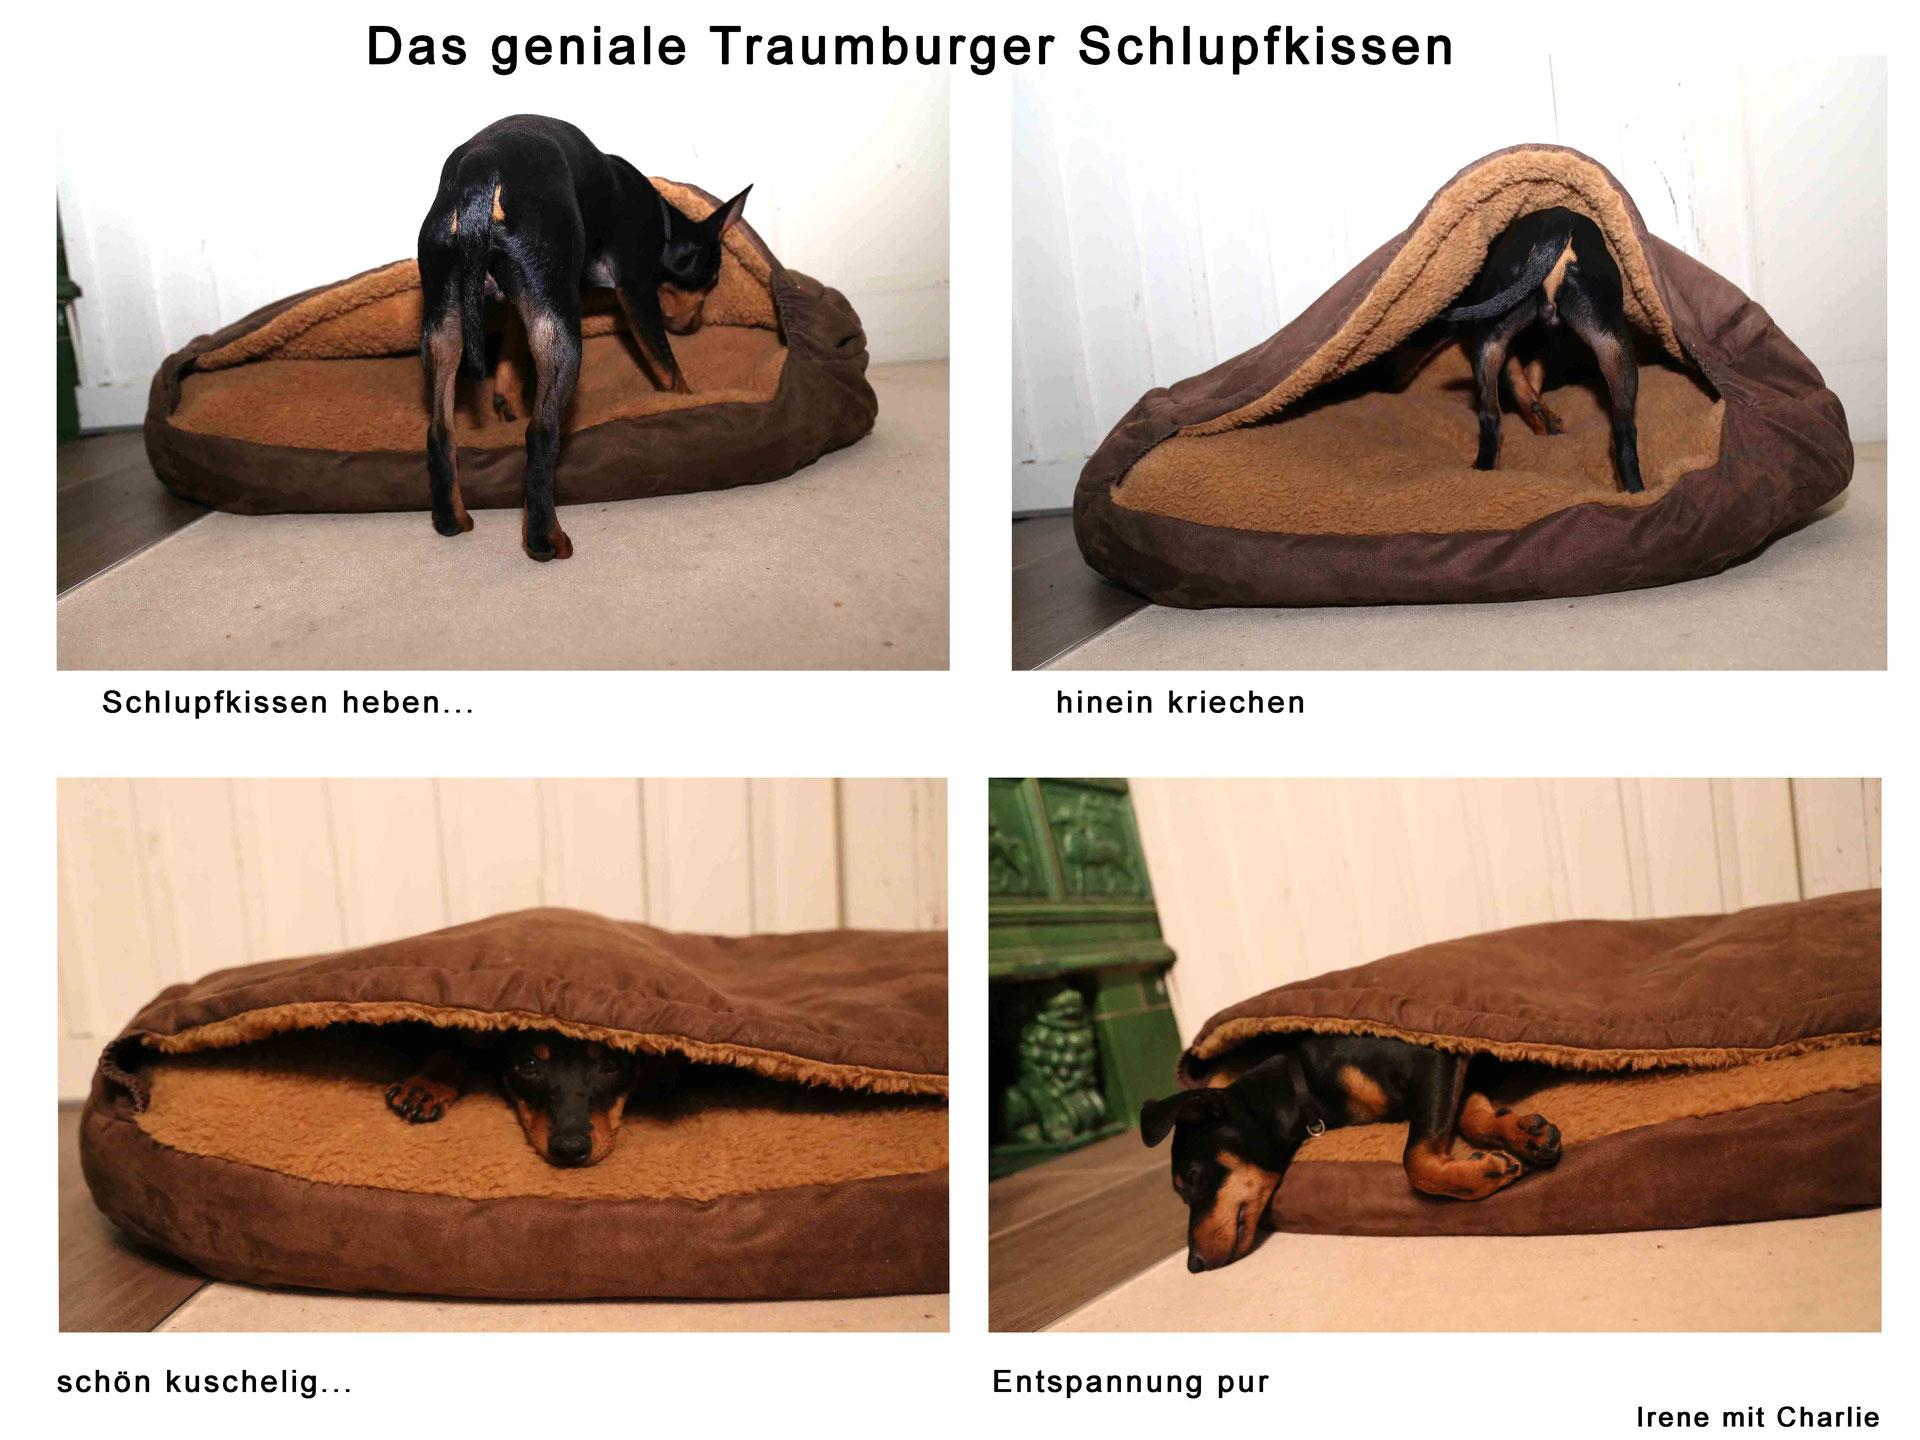 Prächtig Traumburger-Hundebett - Der einziartige und optimale Schlafplatz #PP_51